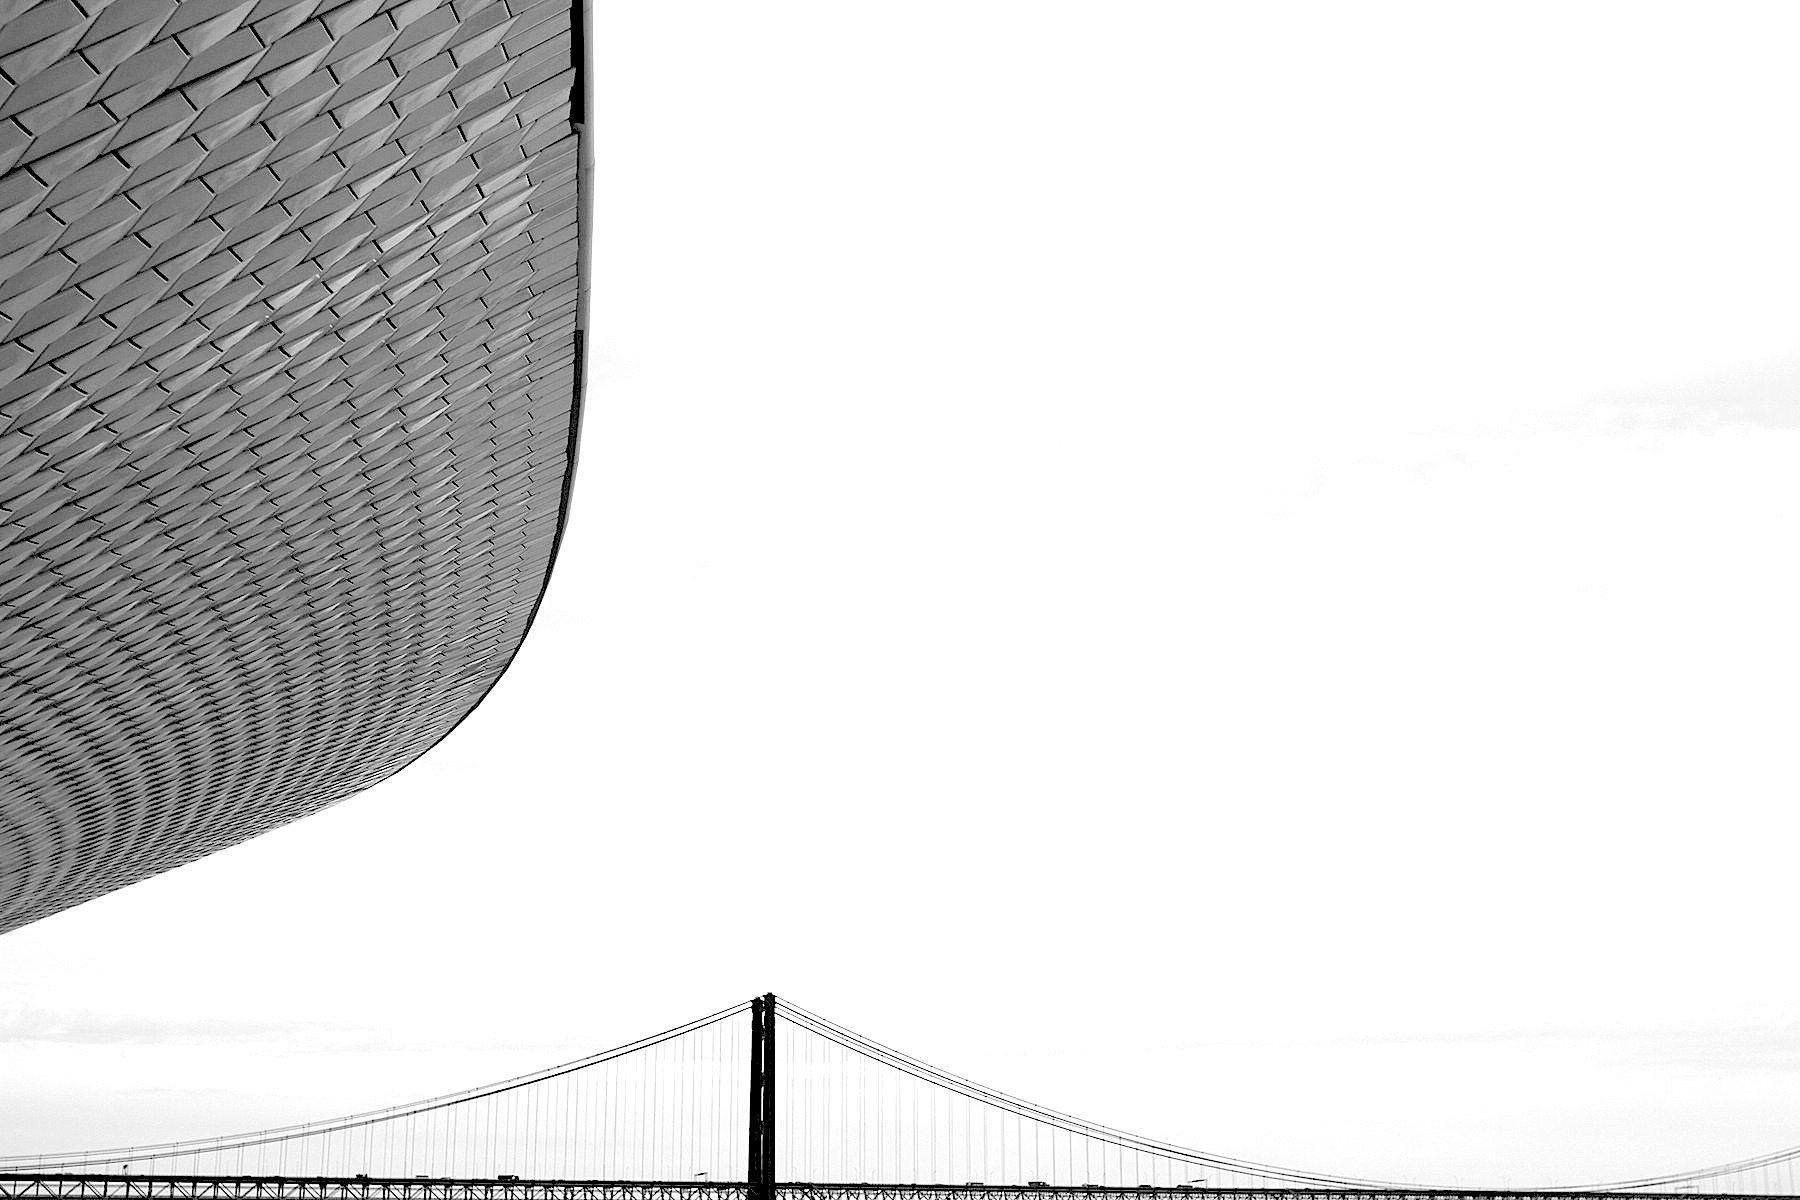 MAAT.  Das Dach der Kunsthalle und die Brücke Ponte 25 de Abril.